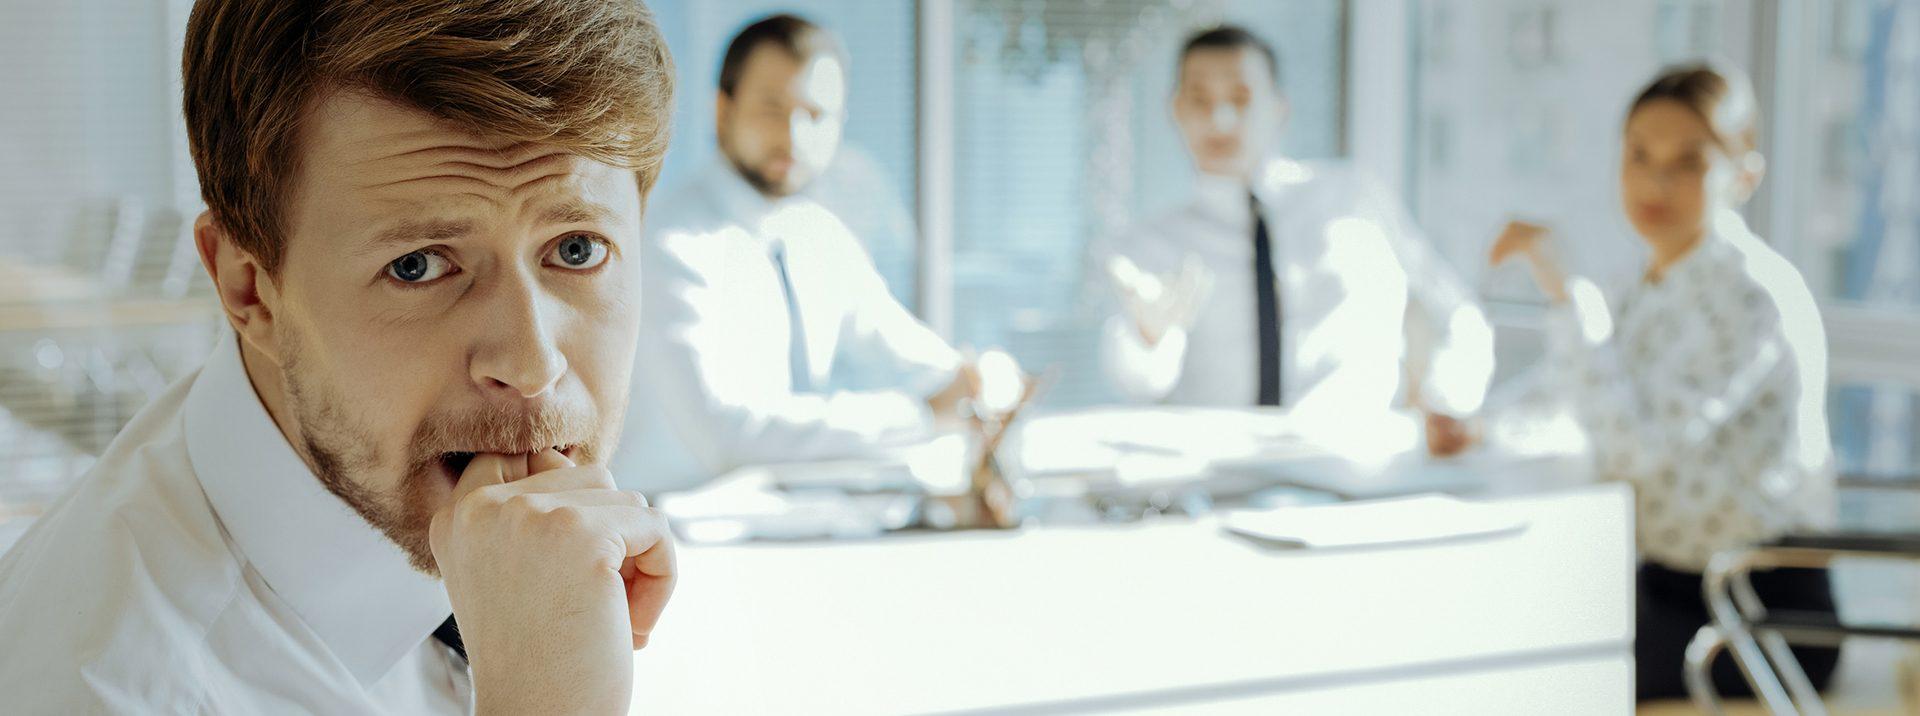 Comment faire redescendre le stress avant une réunion de travail ?